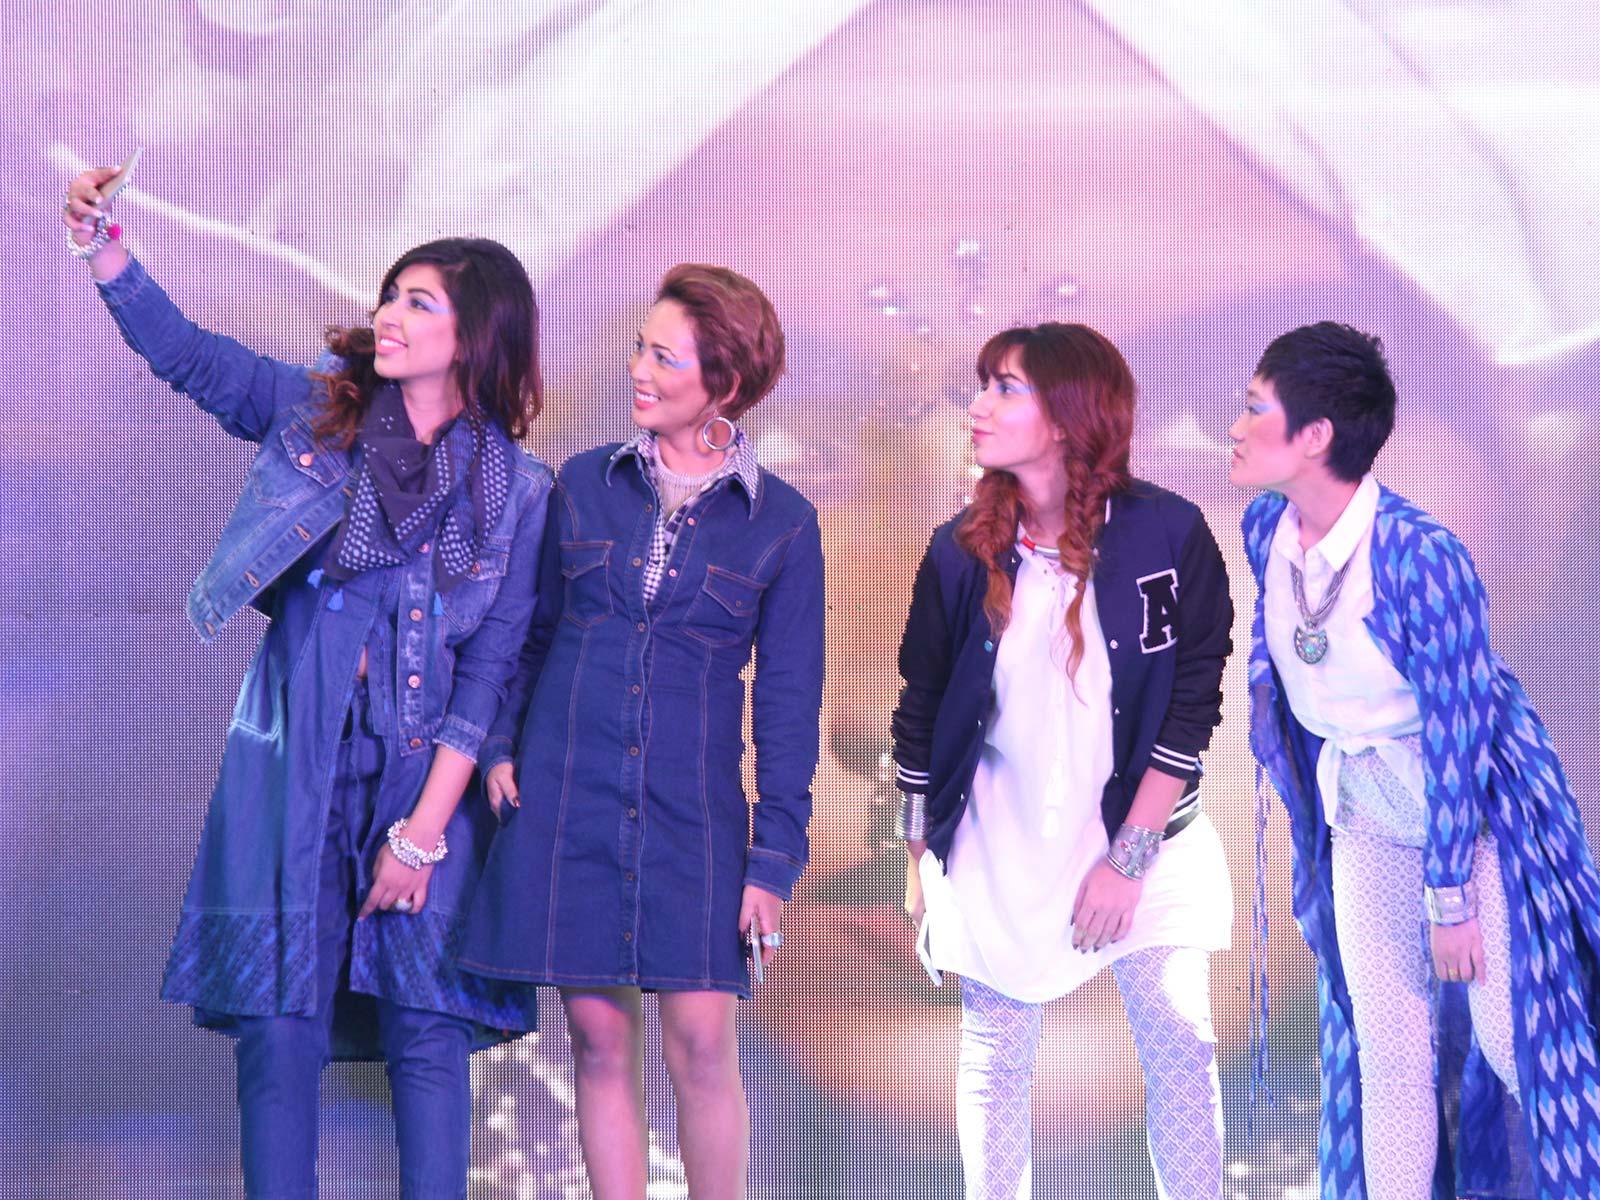 Srishti Singh, Nilu Yuleena Thapa, Aleena Macker and Aien Jamir at the POPxo Big Fab Fest held at Qla in Delhi